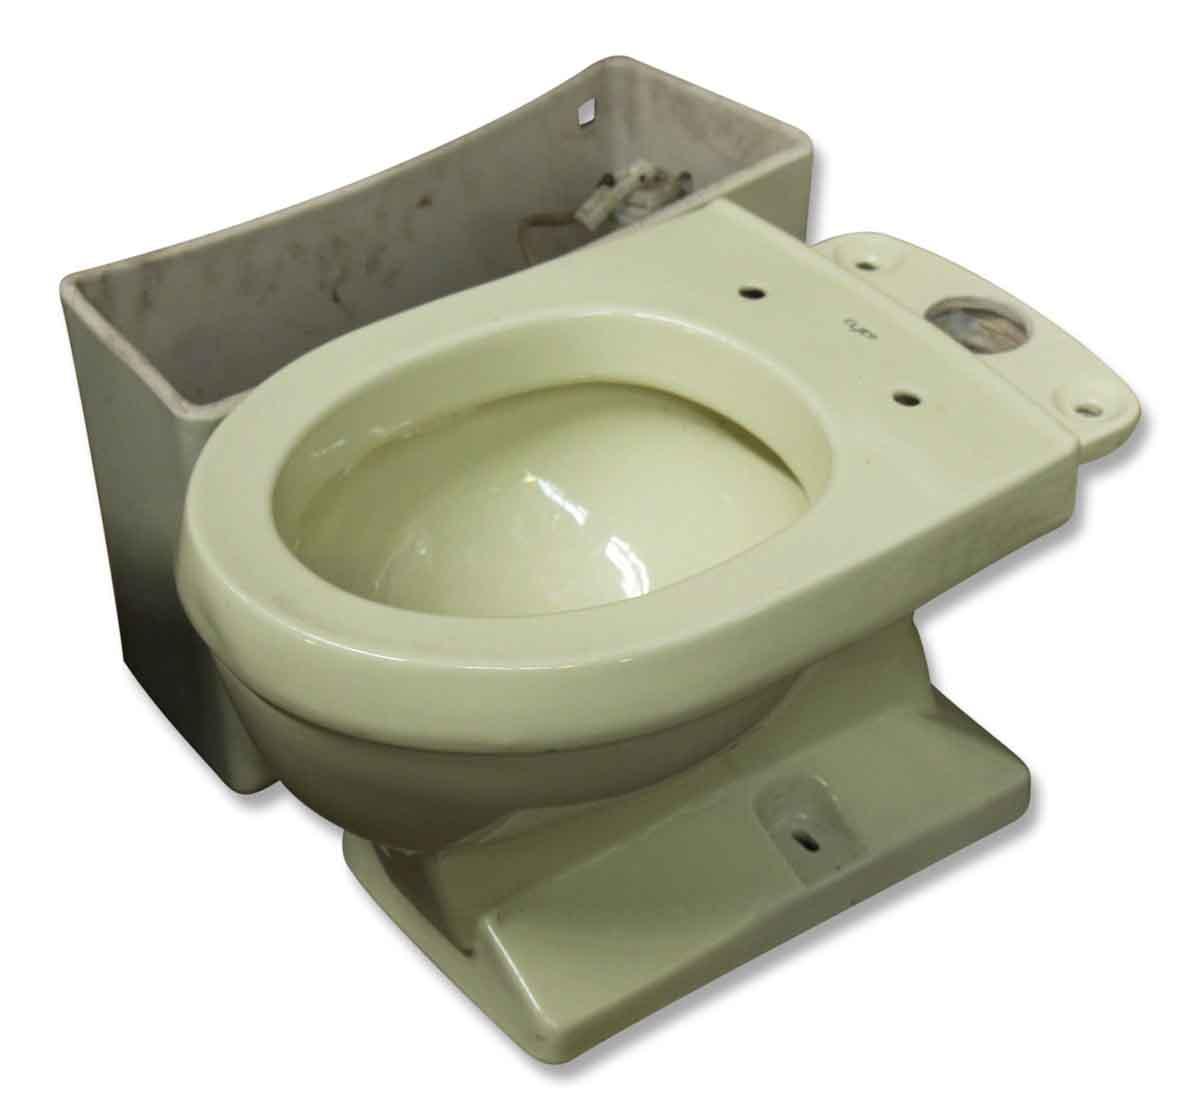 Eljer Pale Green Toilet 1970 Olde Good Things